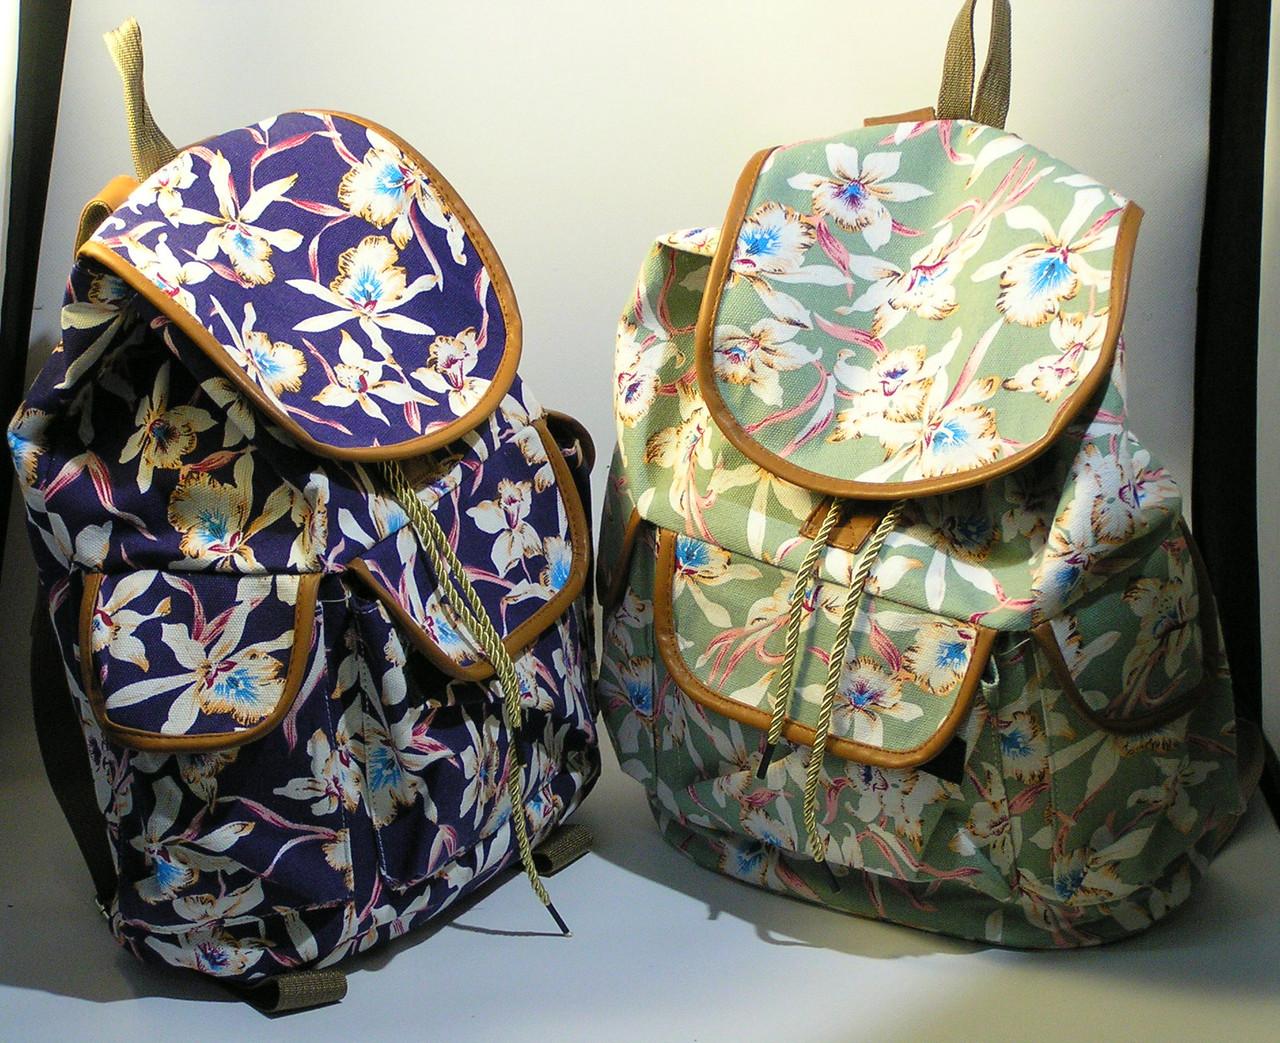 Стильный городской рюкзак . Модный женский рюкзак. Вместительный рюкзак. Удобный рюкзак. Код: КЕ636